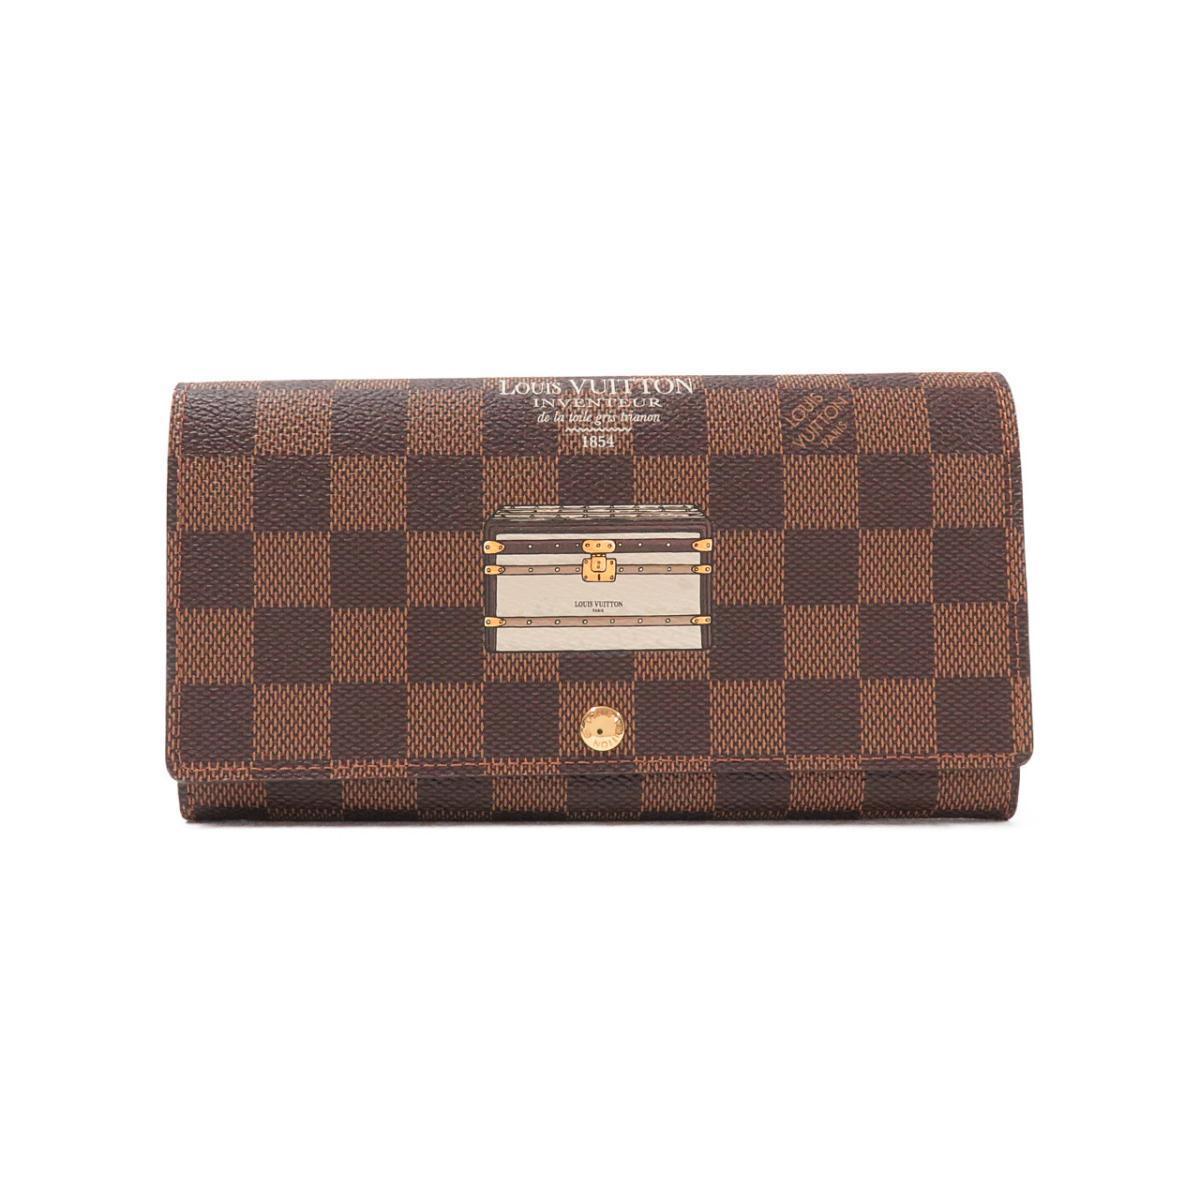 ルイヴィトンのダミエの長財布